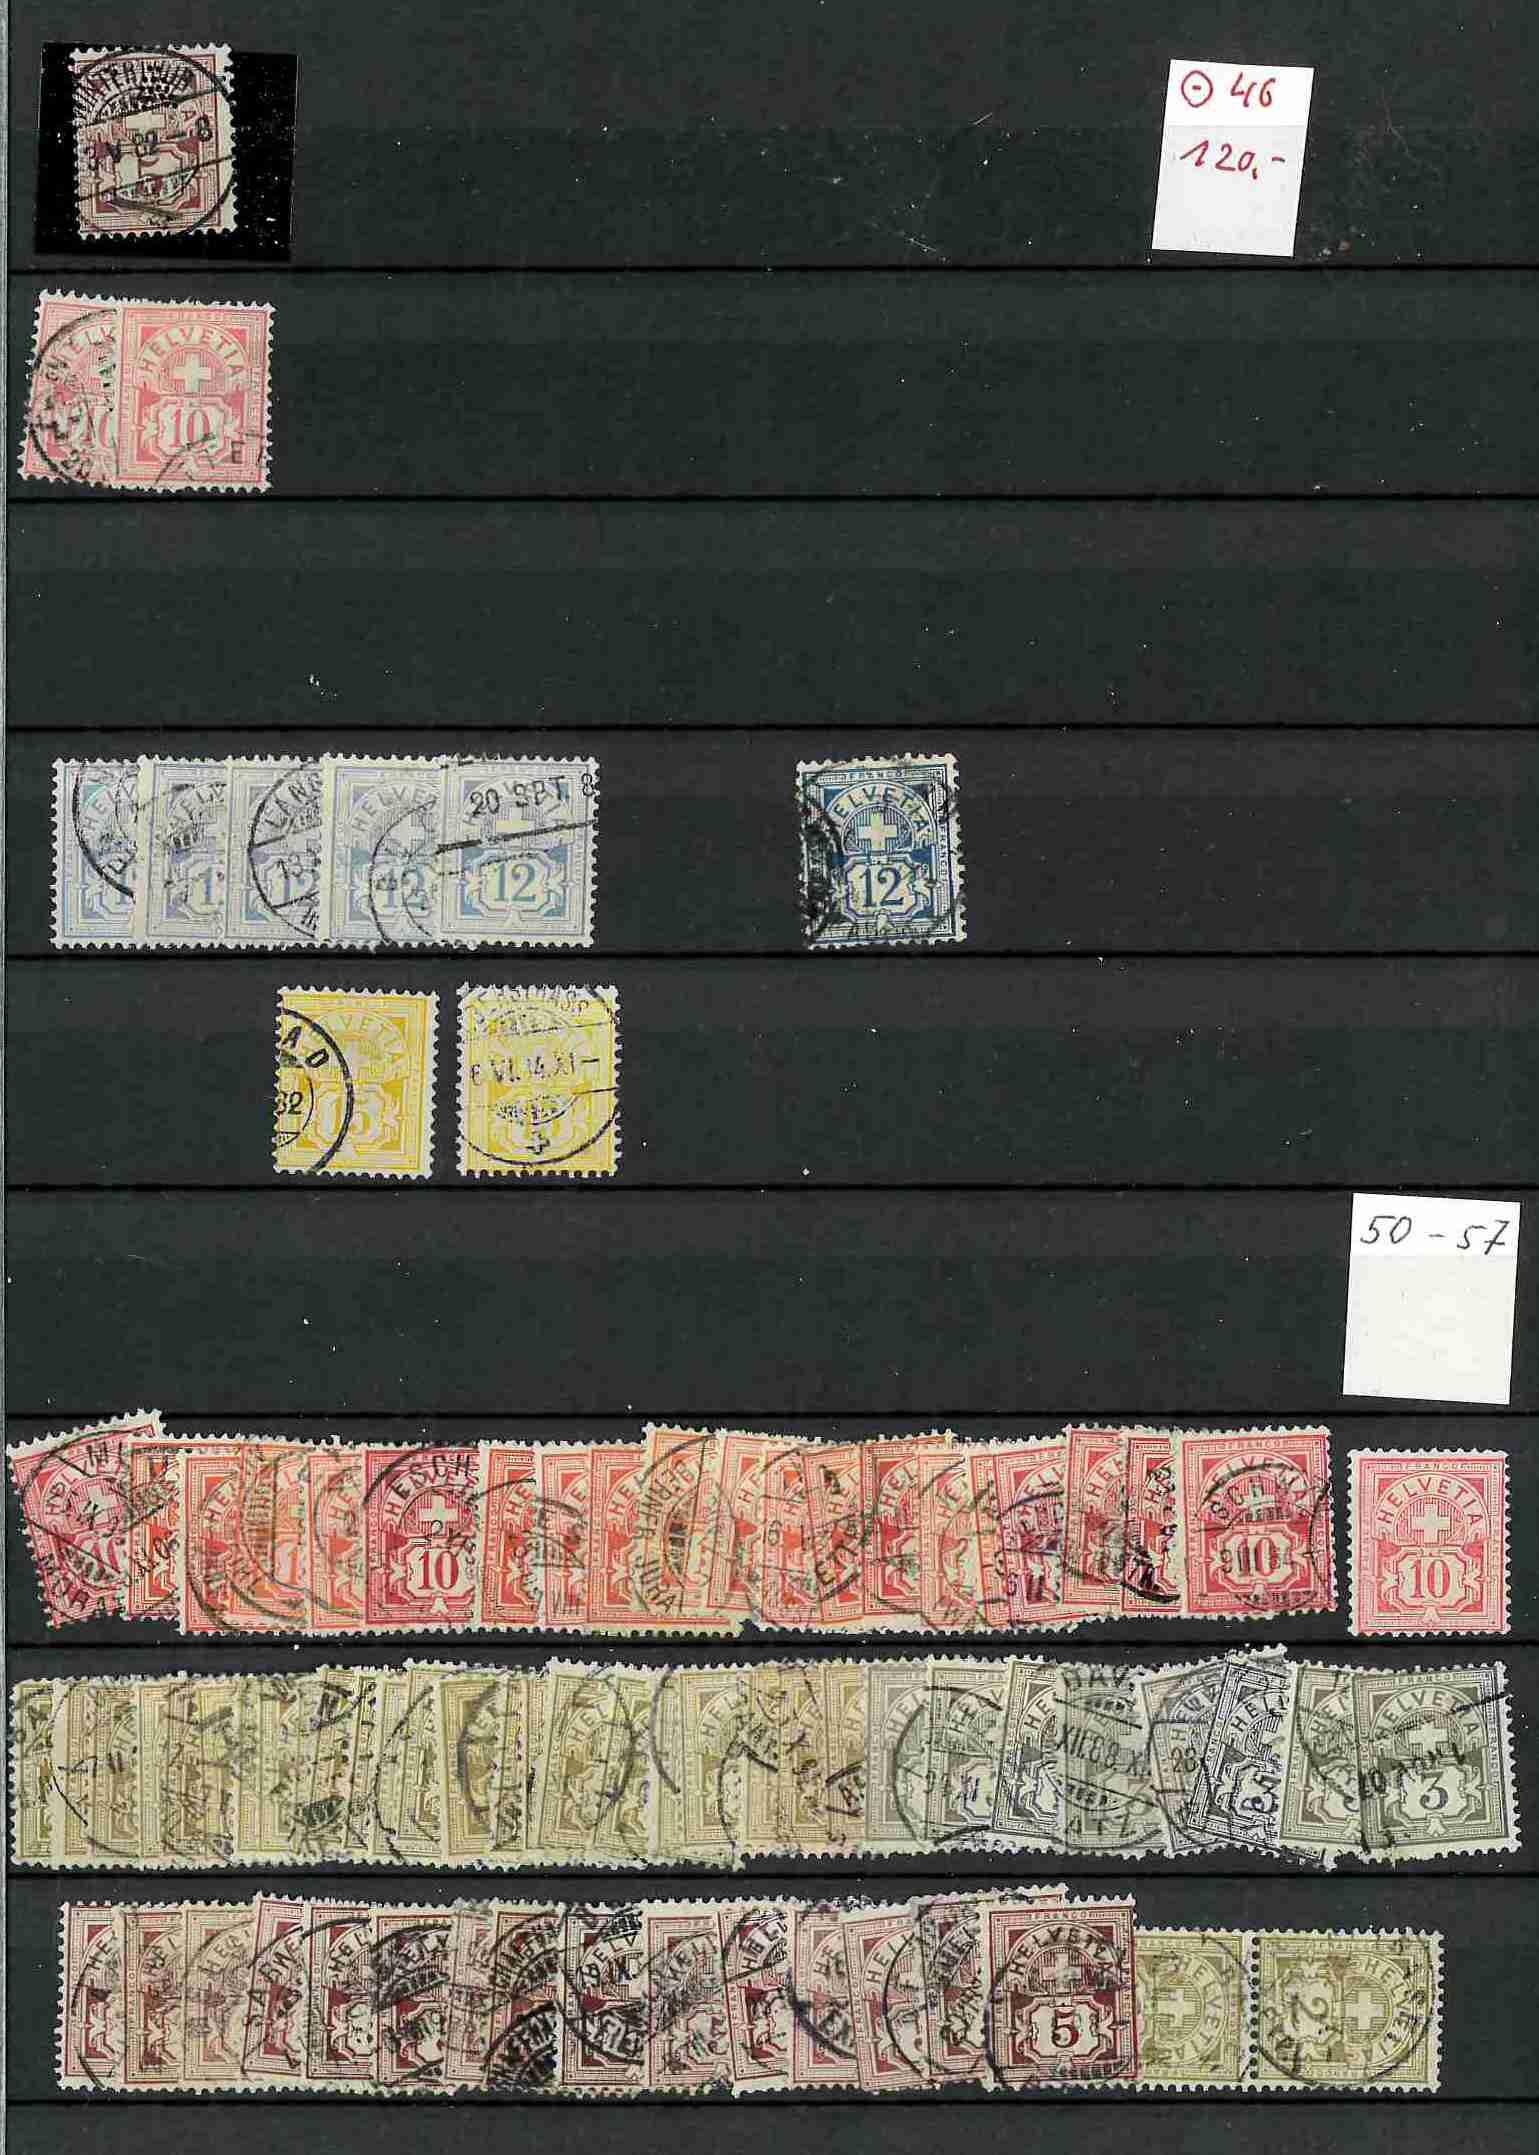 Lagerbestand / Händlerposten Schweiz Michelwert 200.000+ Euro-11